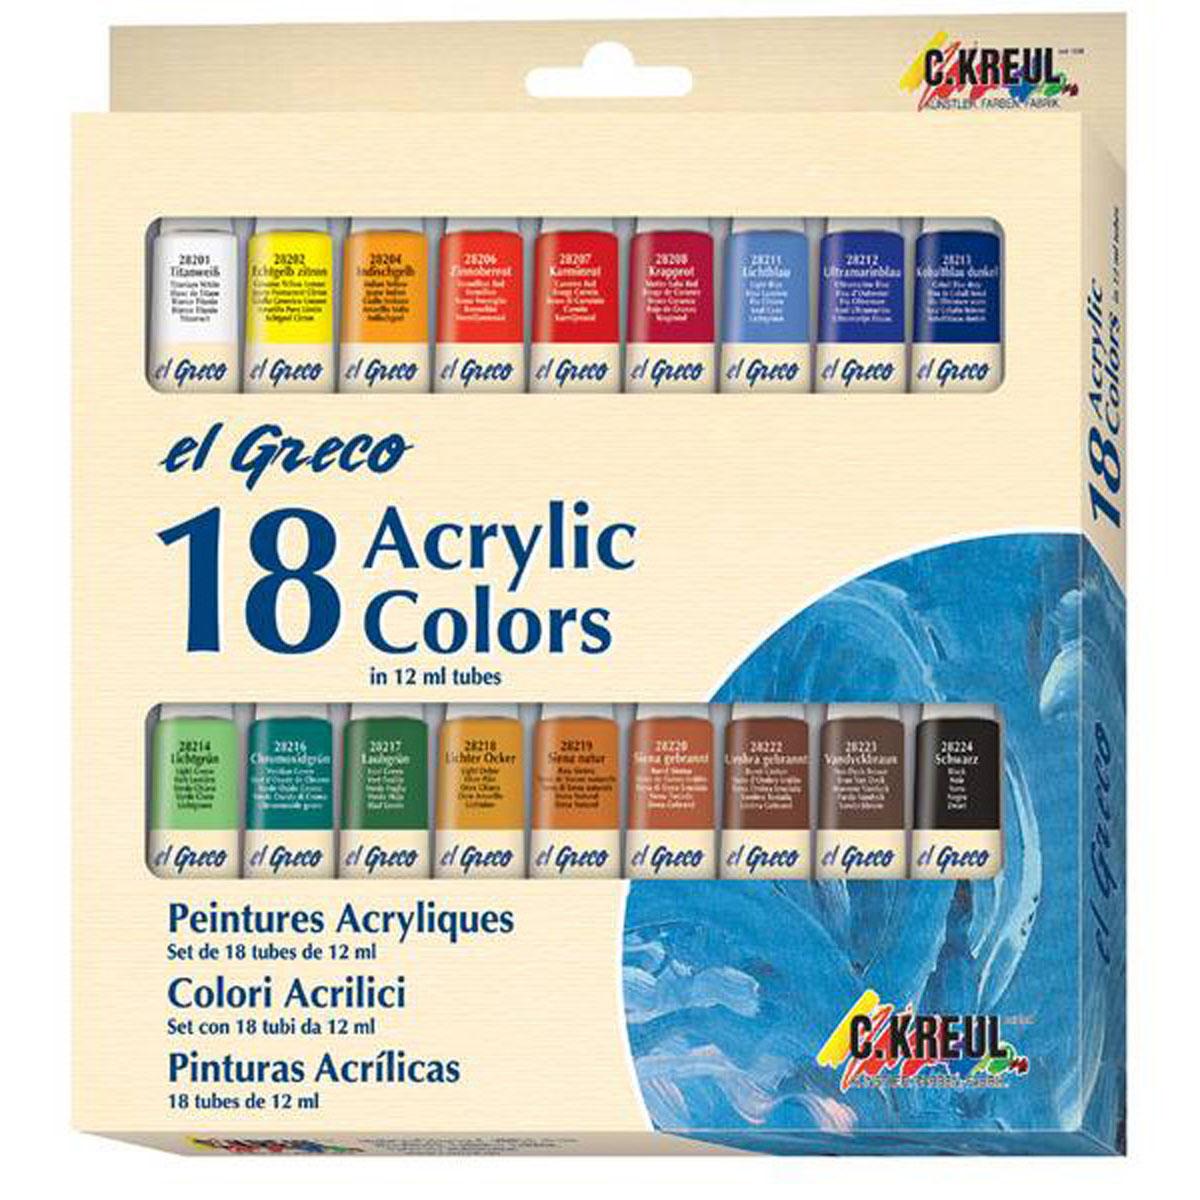 Краски акриловые Kreul El Greco, 18 цветов540205Набор художественных акриловых красок для учащихся и профессионалов. На водной основе для таких поверхностей, как холст, картон, бумага, камень, металл, кожа и многих других. Краски быстро сохнут, создавая при этом глянцевую поверхность, разбавляются водой, хорошо смешиваются друг с другом. Краски обладают яркими, светостойкими и укрывистыми цветами, могут быть как покрывными, так и прозрачными, наносятся кистью или мастихином, после высыхания поверхность становится водостойкой и эластичной. Состав: 18 акриловых красок в алюминиевых тубах по 12 мл